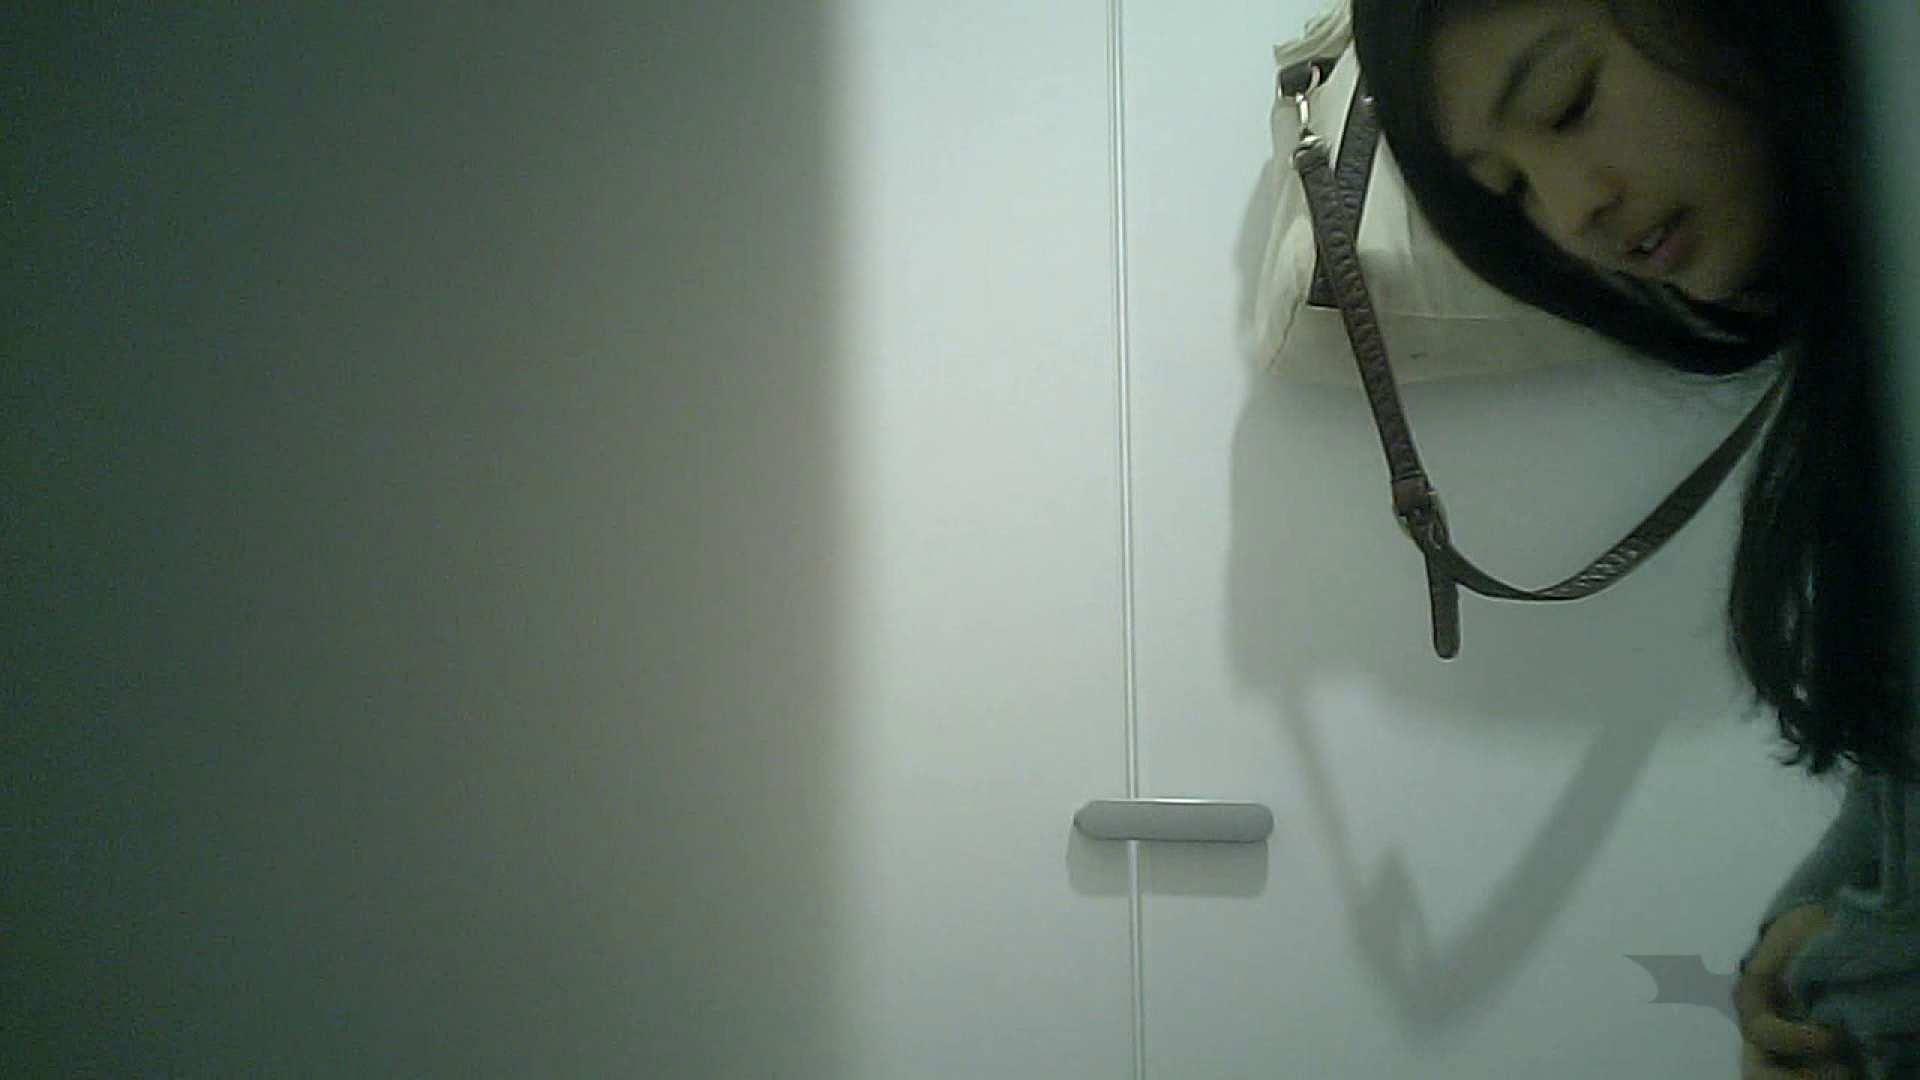 有名大学女性洗面所 vol.36 すっごい「ほじって」ます。 ギャル達 AV無料動画キャプチャ 78枚 2